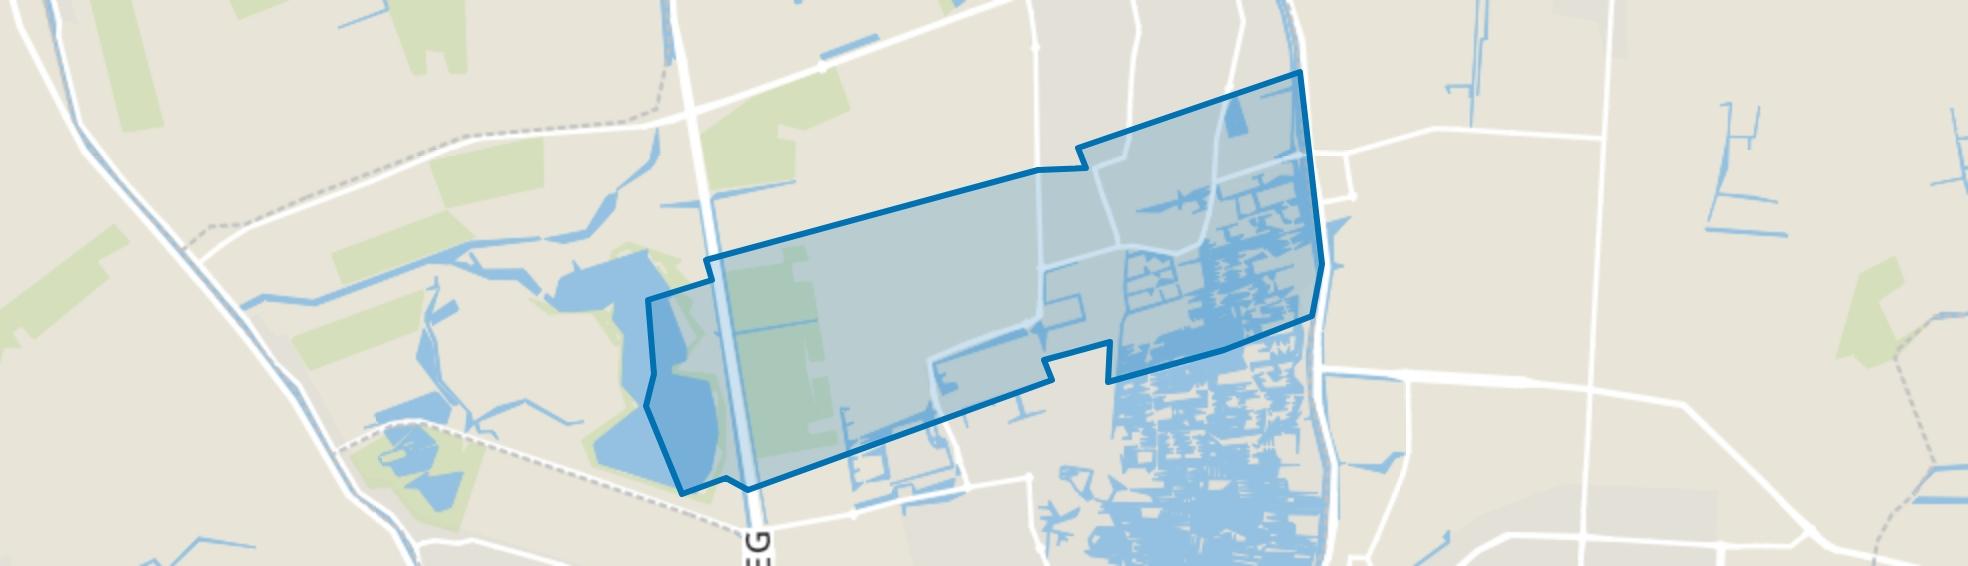 Zuid-Scharwoude, Zuid-Scharwoude map